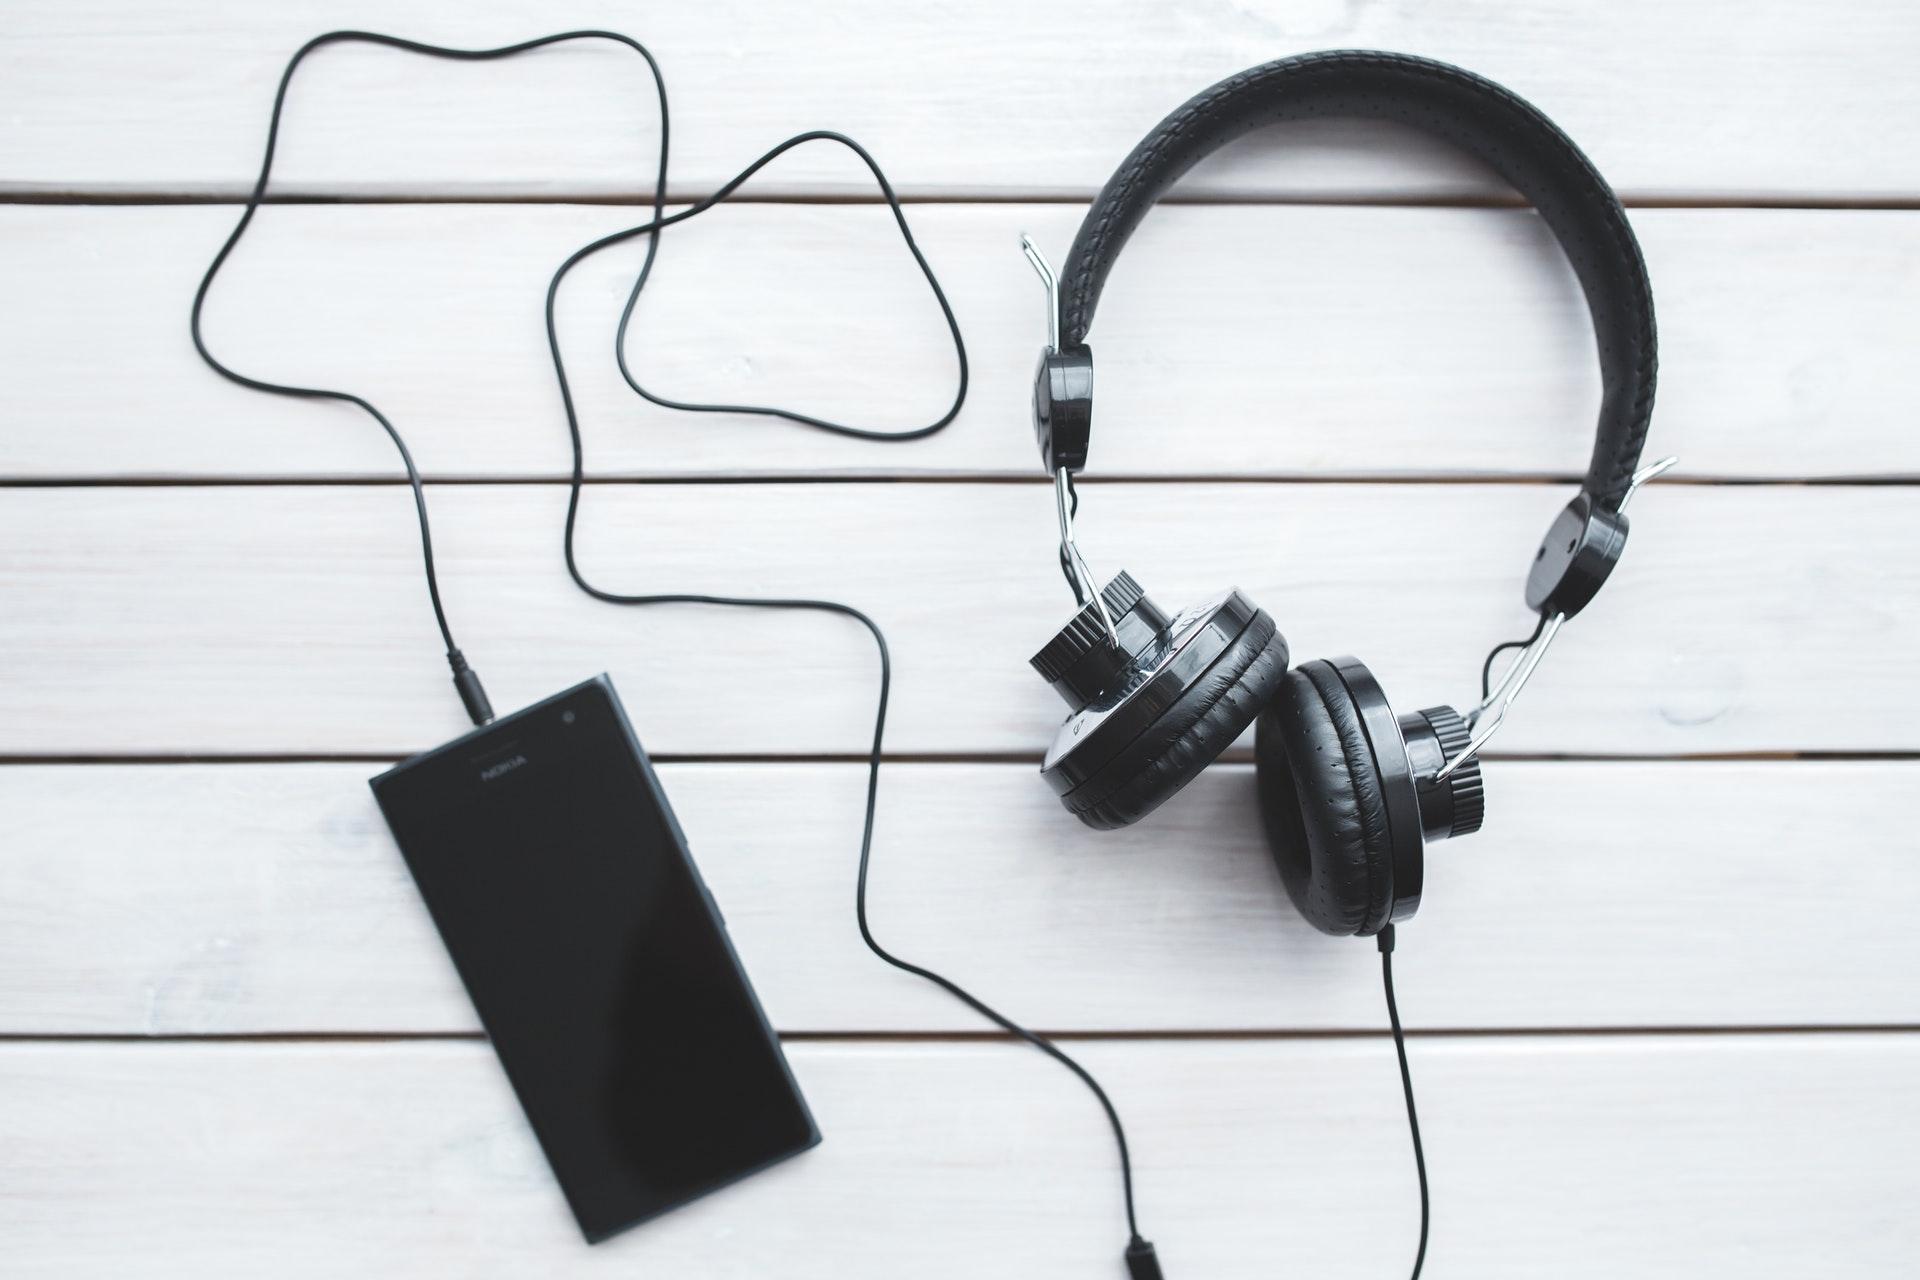 les livres audio apportent l'inspiration nécessaire à l'atteinte de ses objectifs